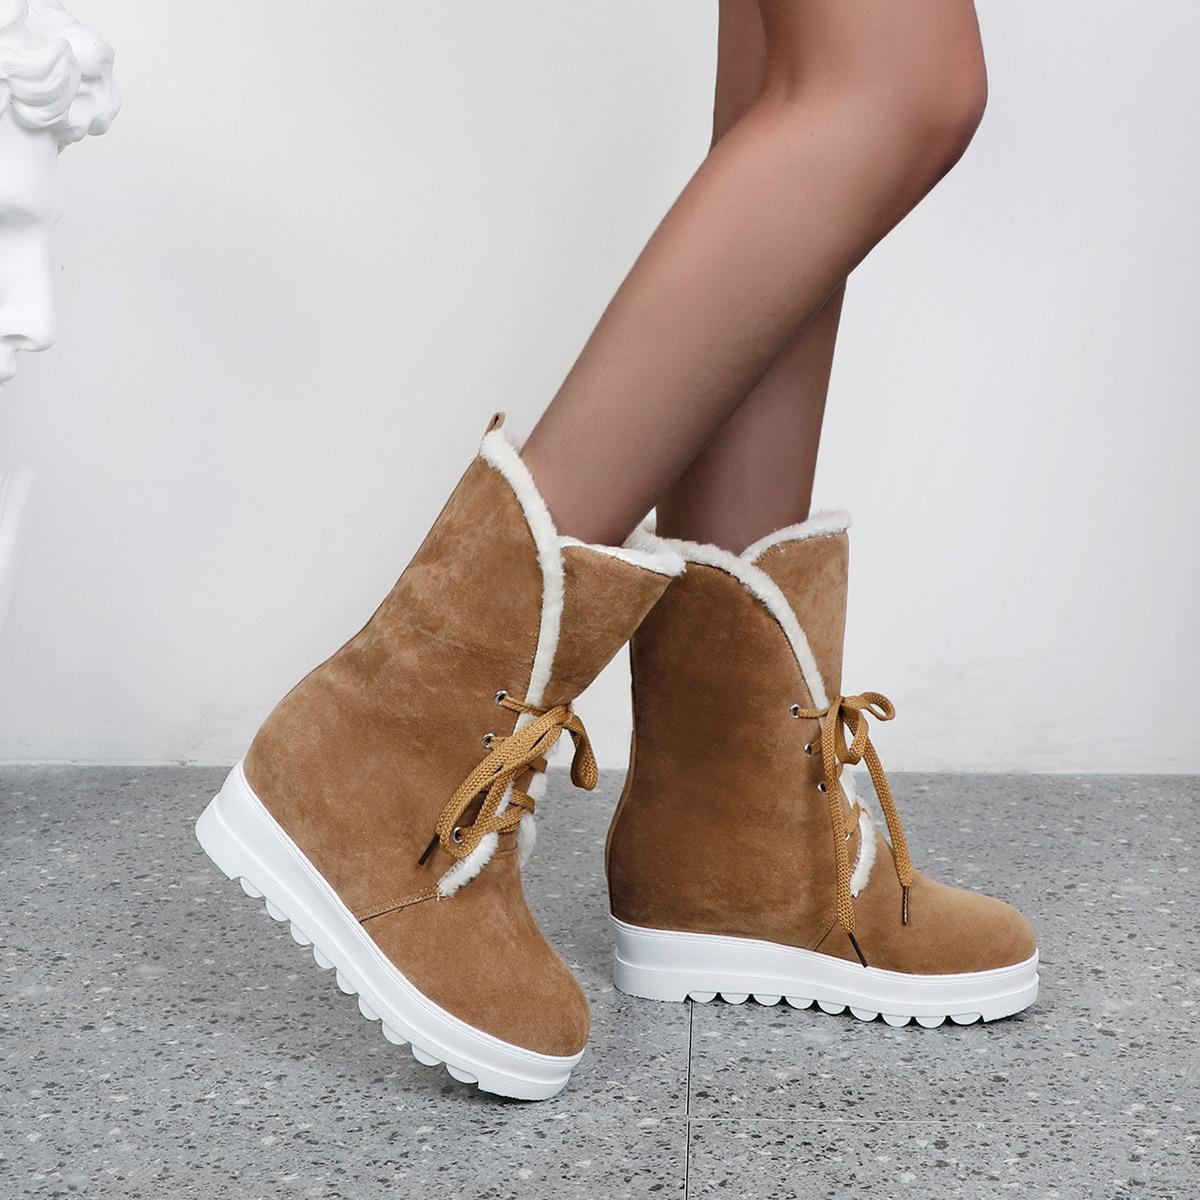 Ботинки на плюшевой подкладке и шнурках